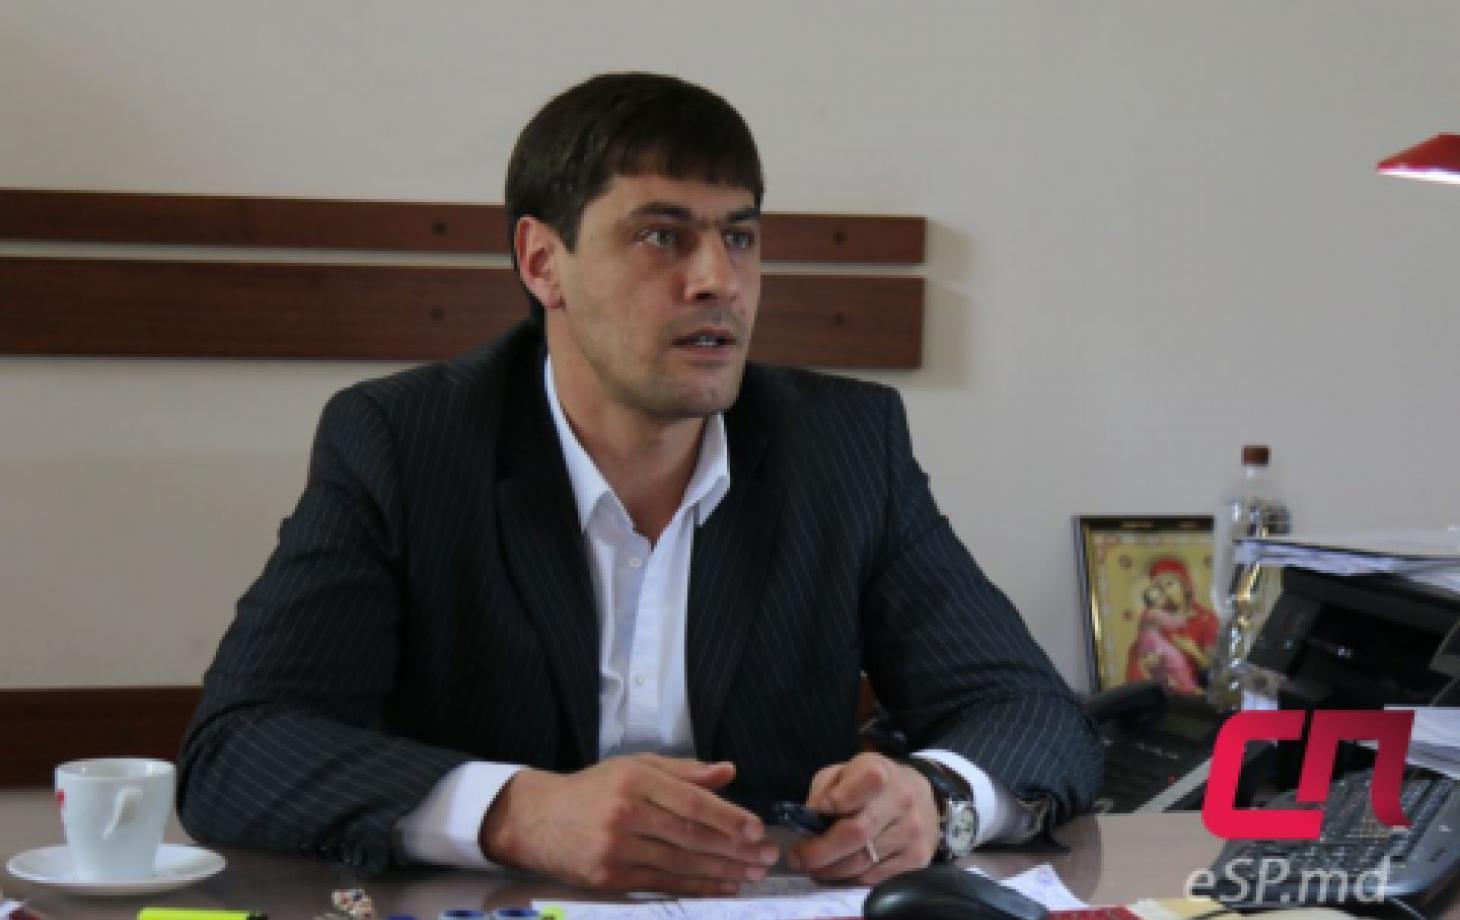 Игорь Шеремет - заместитель примара Бельц по вопросам коммунального хозяйства